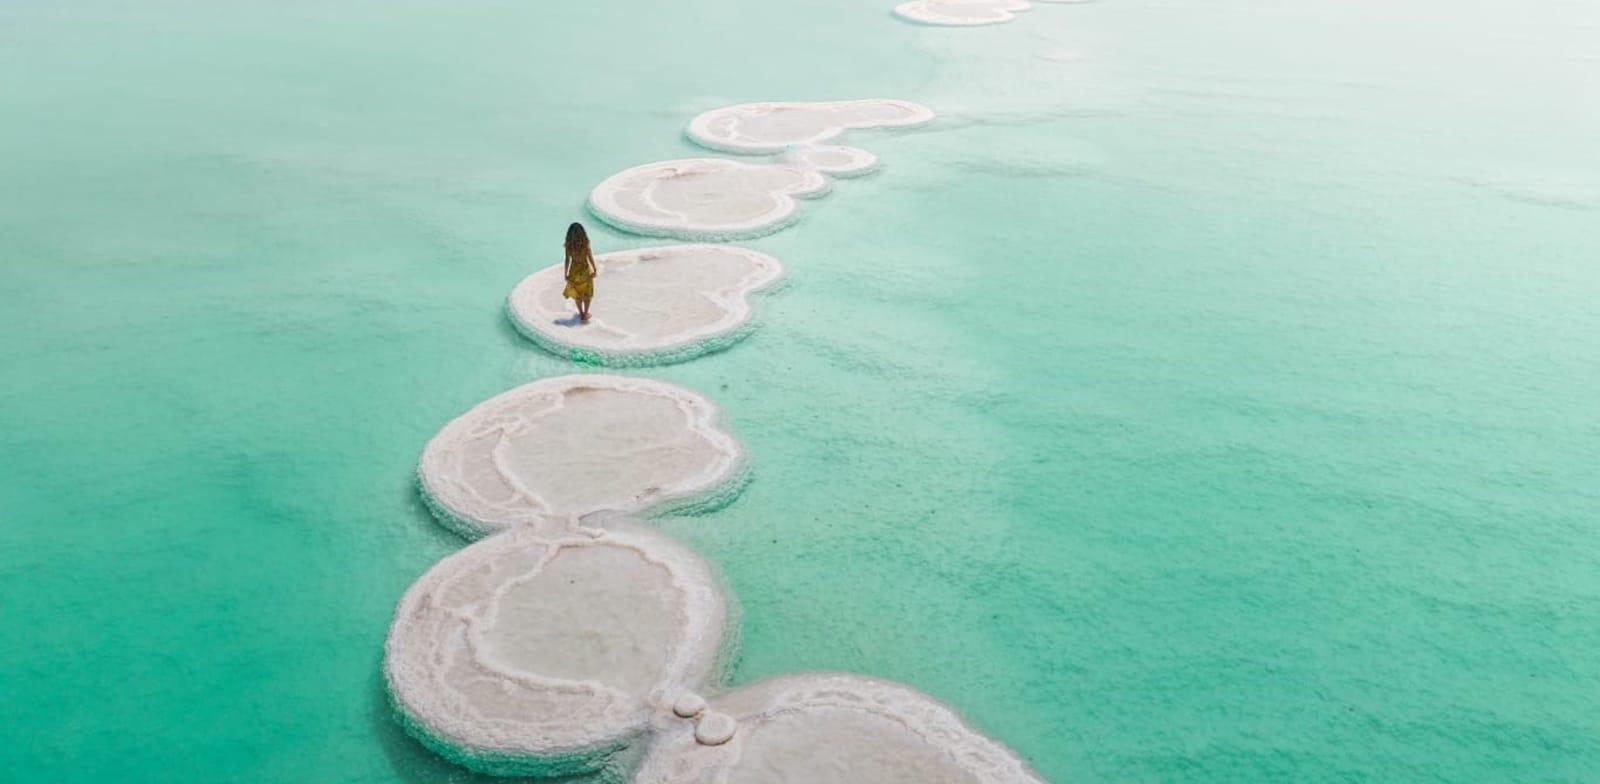 פטריות ים המלח / צילום: גל טוויג